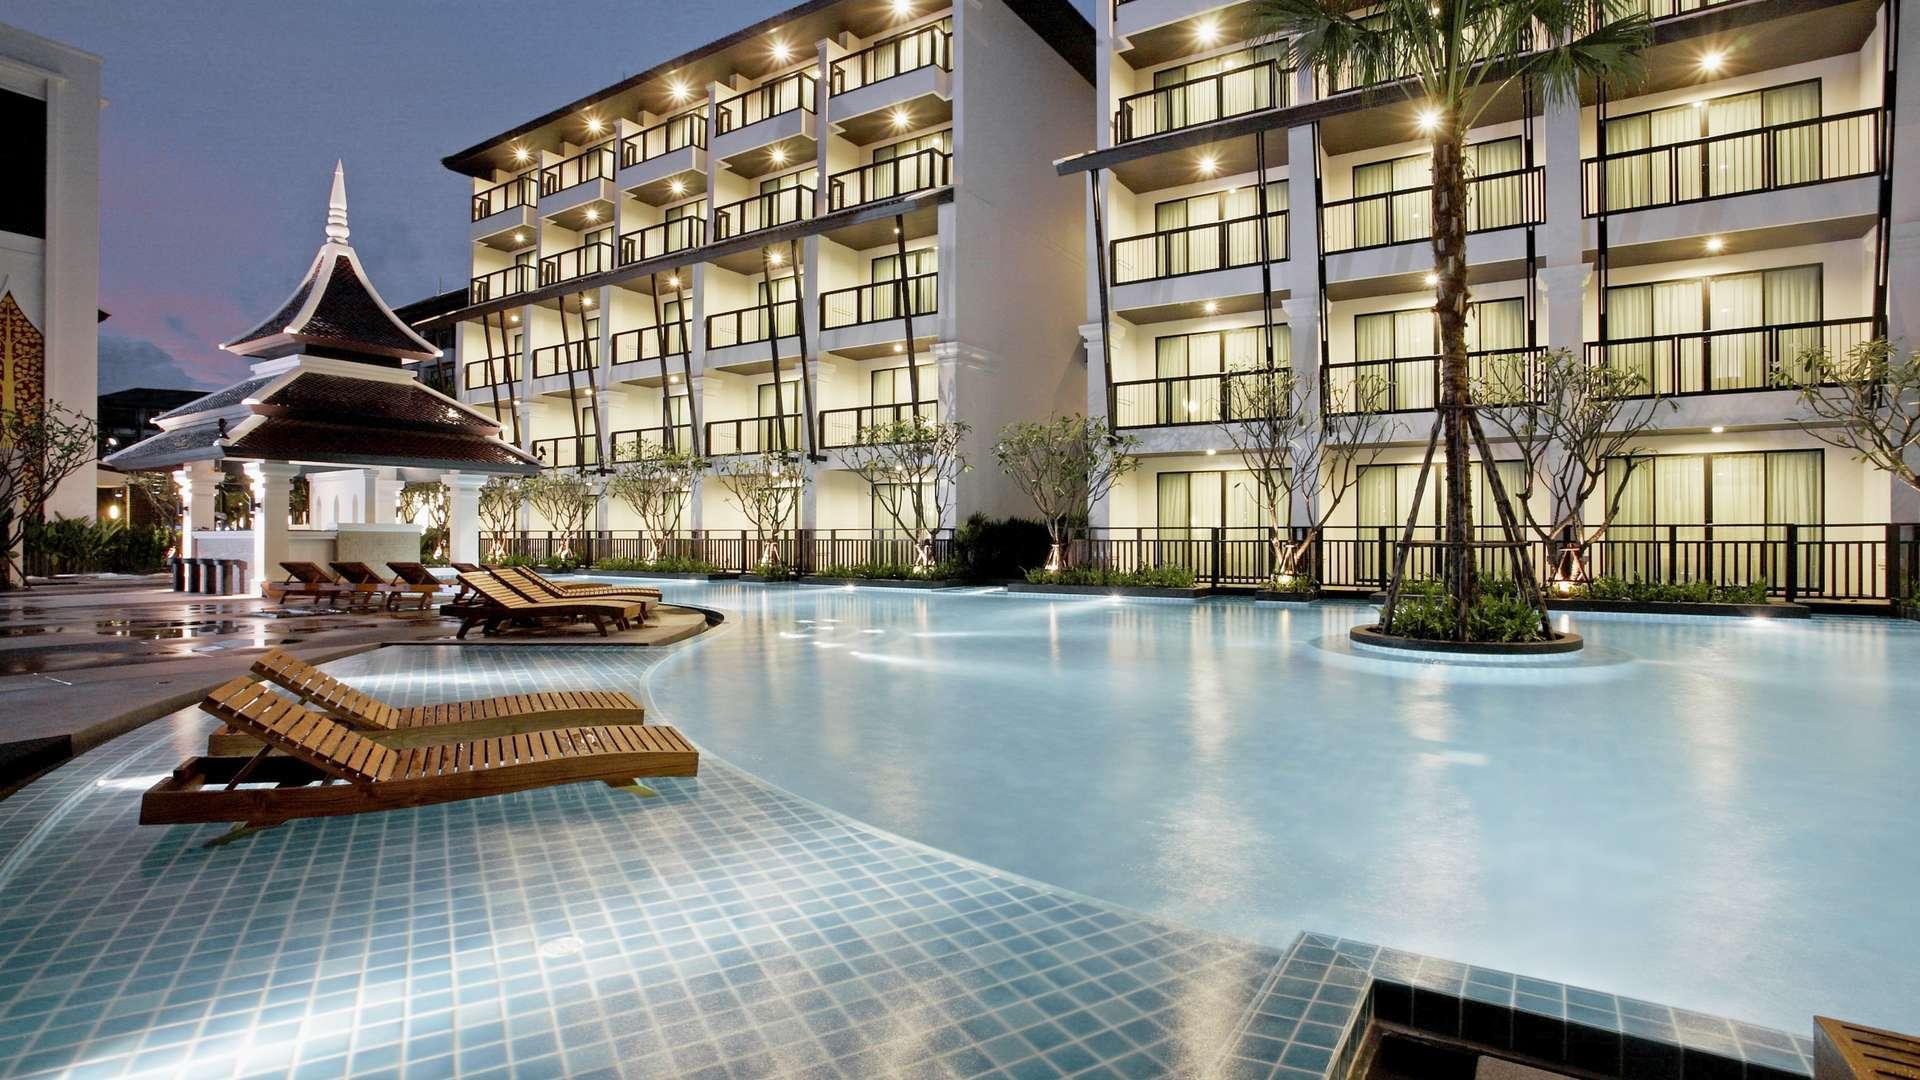 Centara Anda Dhevi Resort Spa A Kuoni Hotel In Krabi